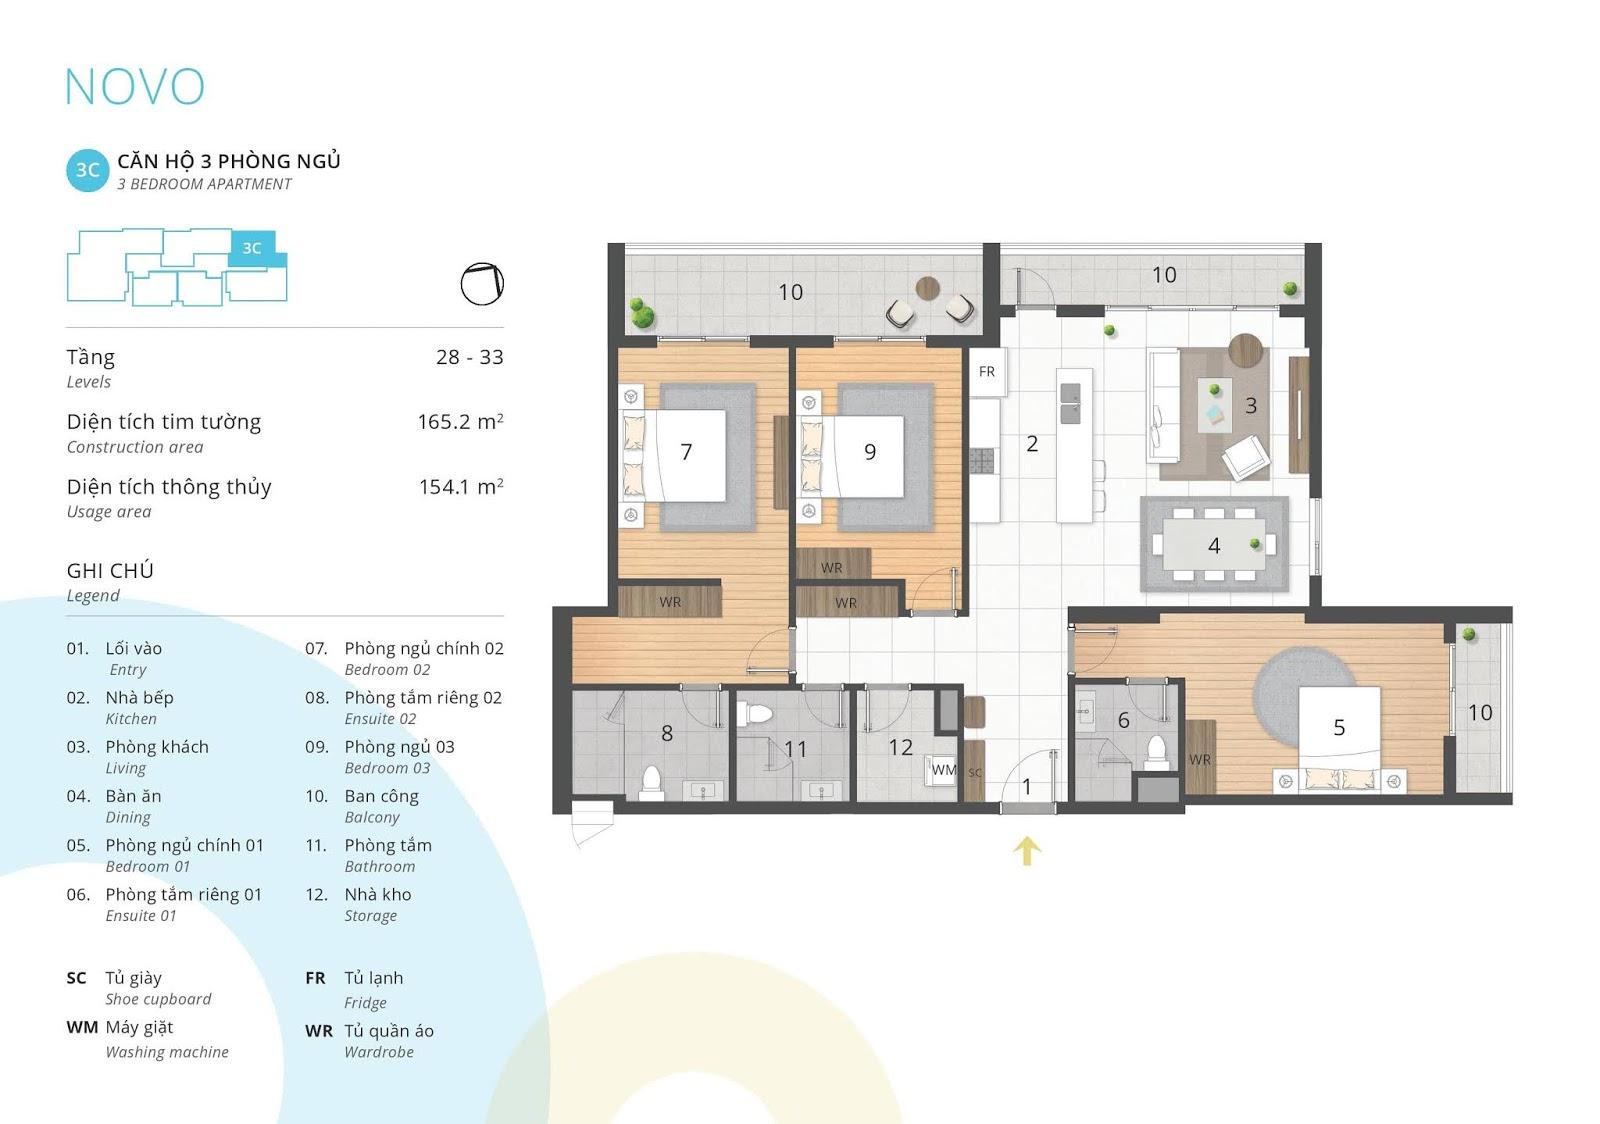 Mặt bằng căn hộ 3 phòng ngủ 154 m2 thông thủy tòa NOVO dự án Kosmo